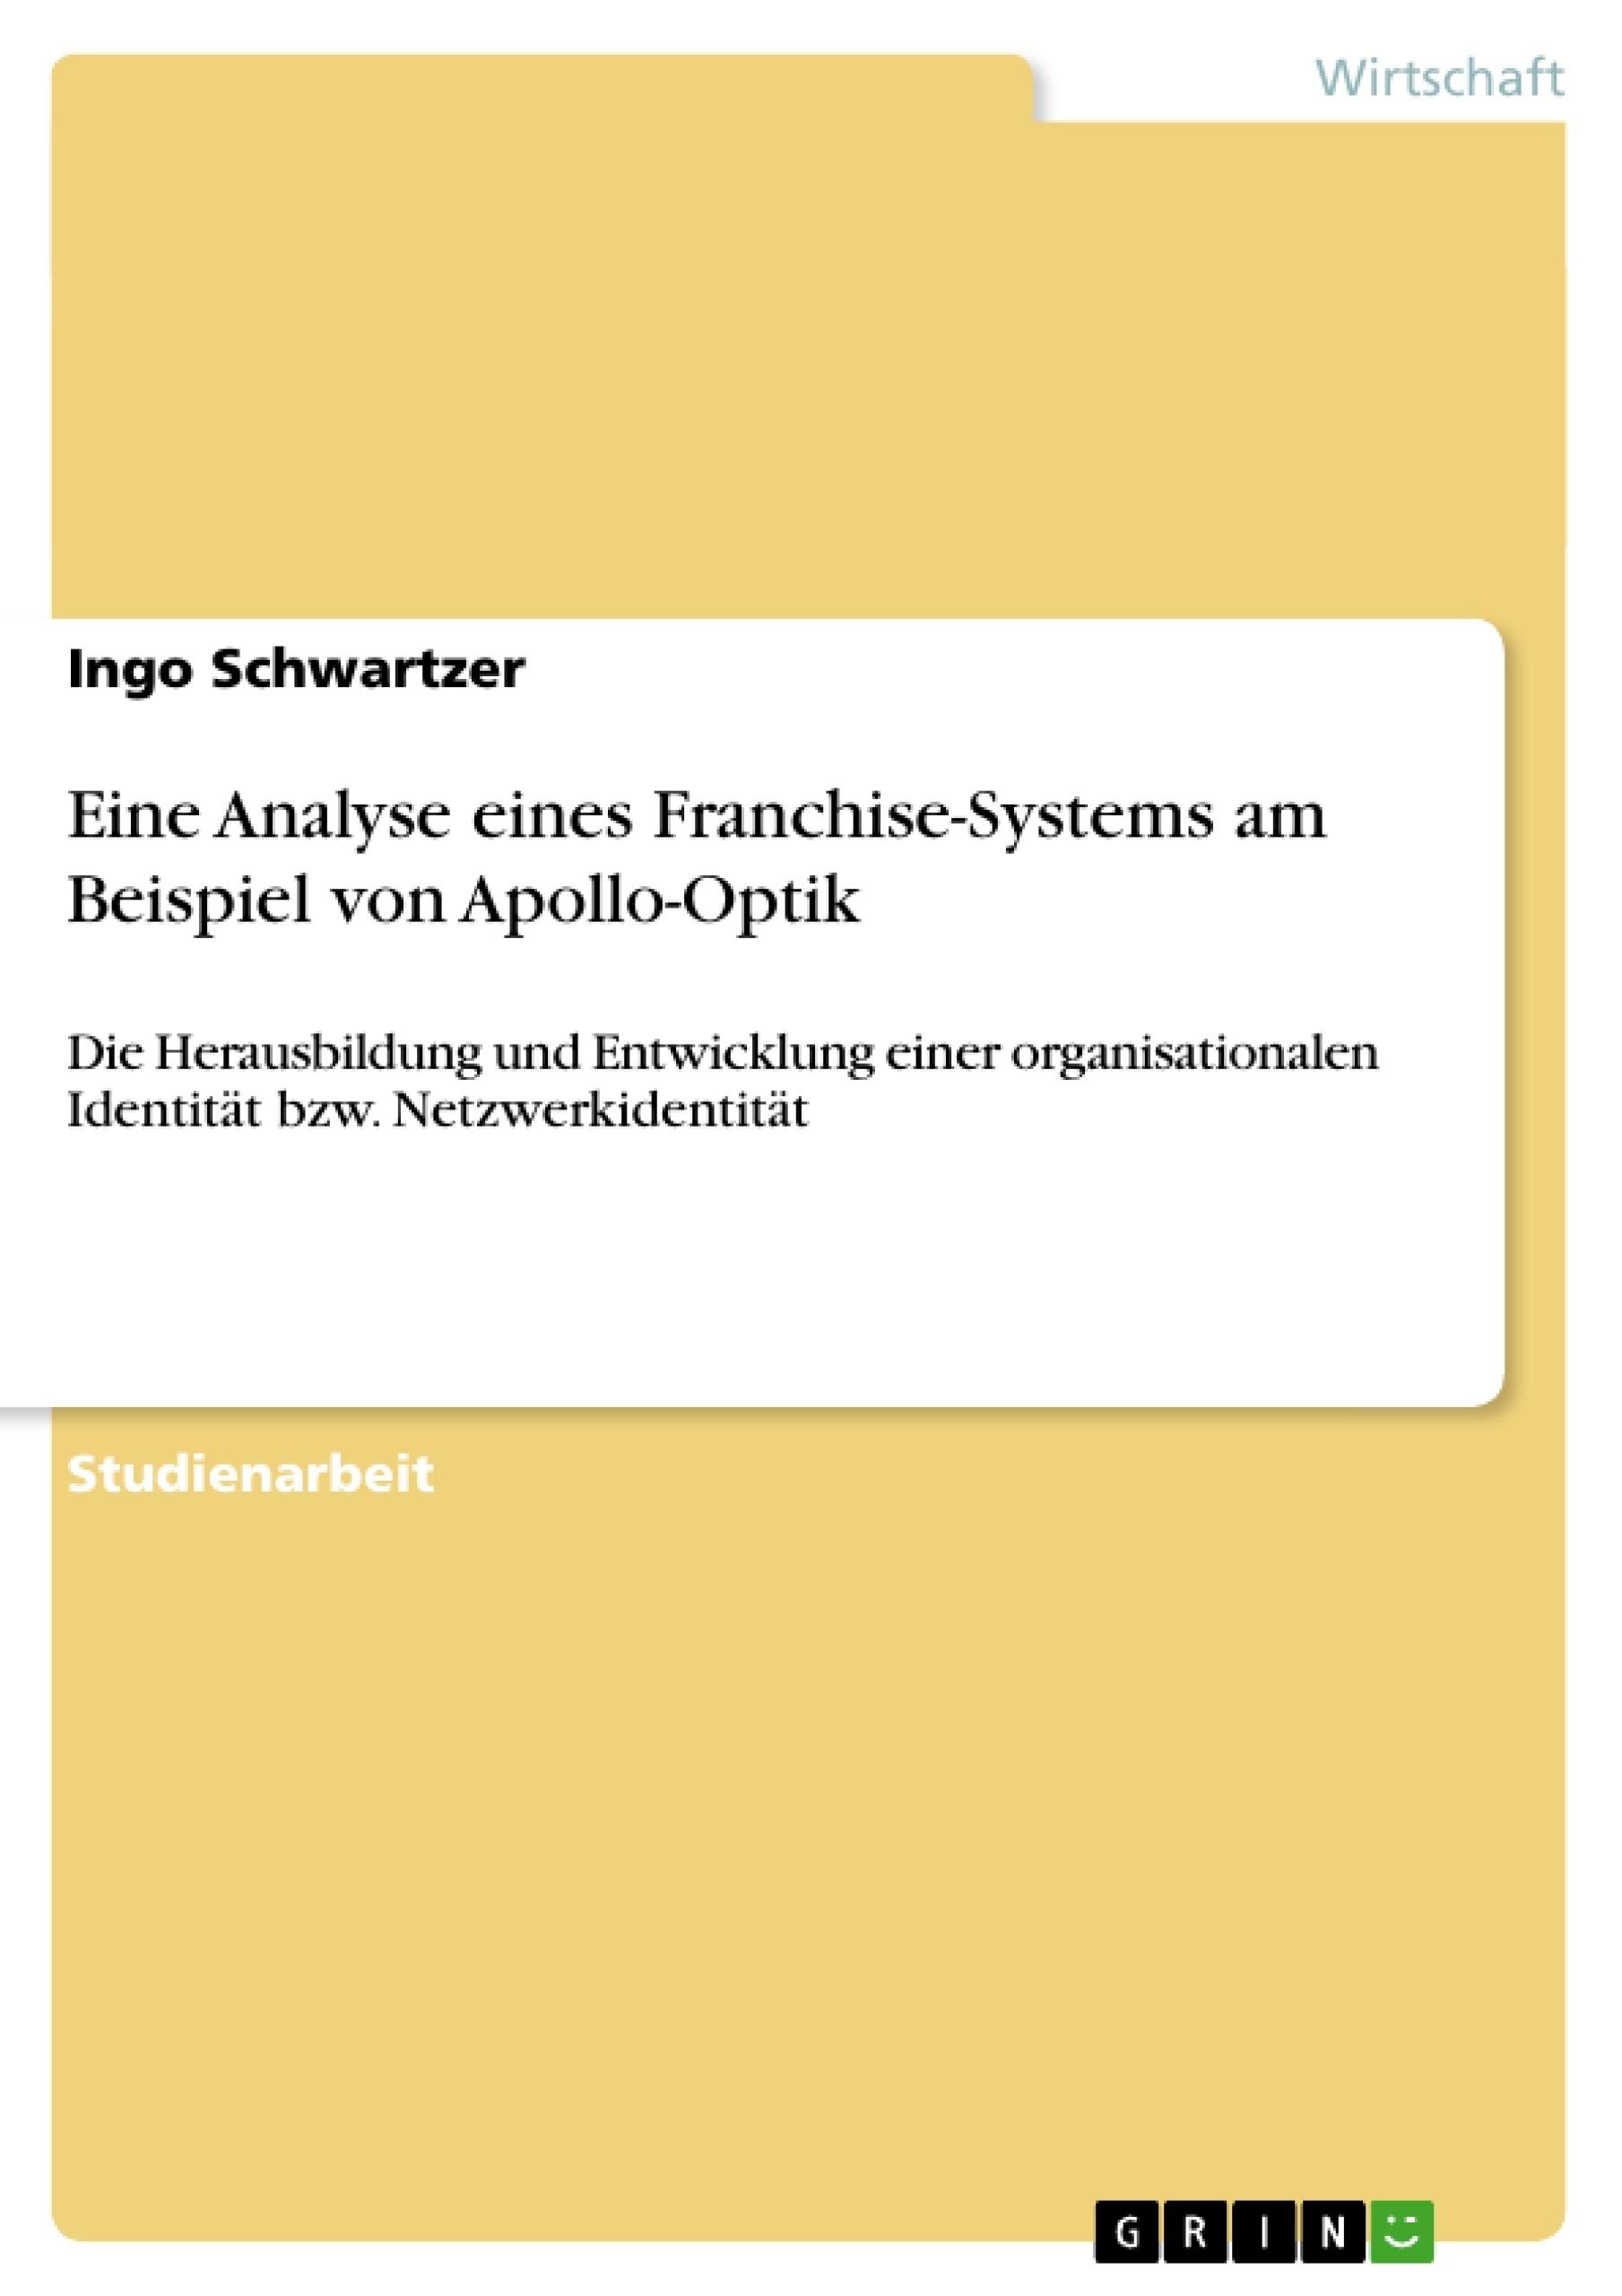 Titel: Eine Analyse eines Franchise-Systems am Beispiel von Apollo-Optik